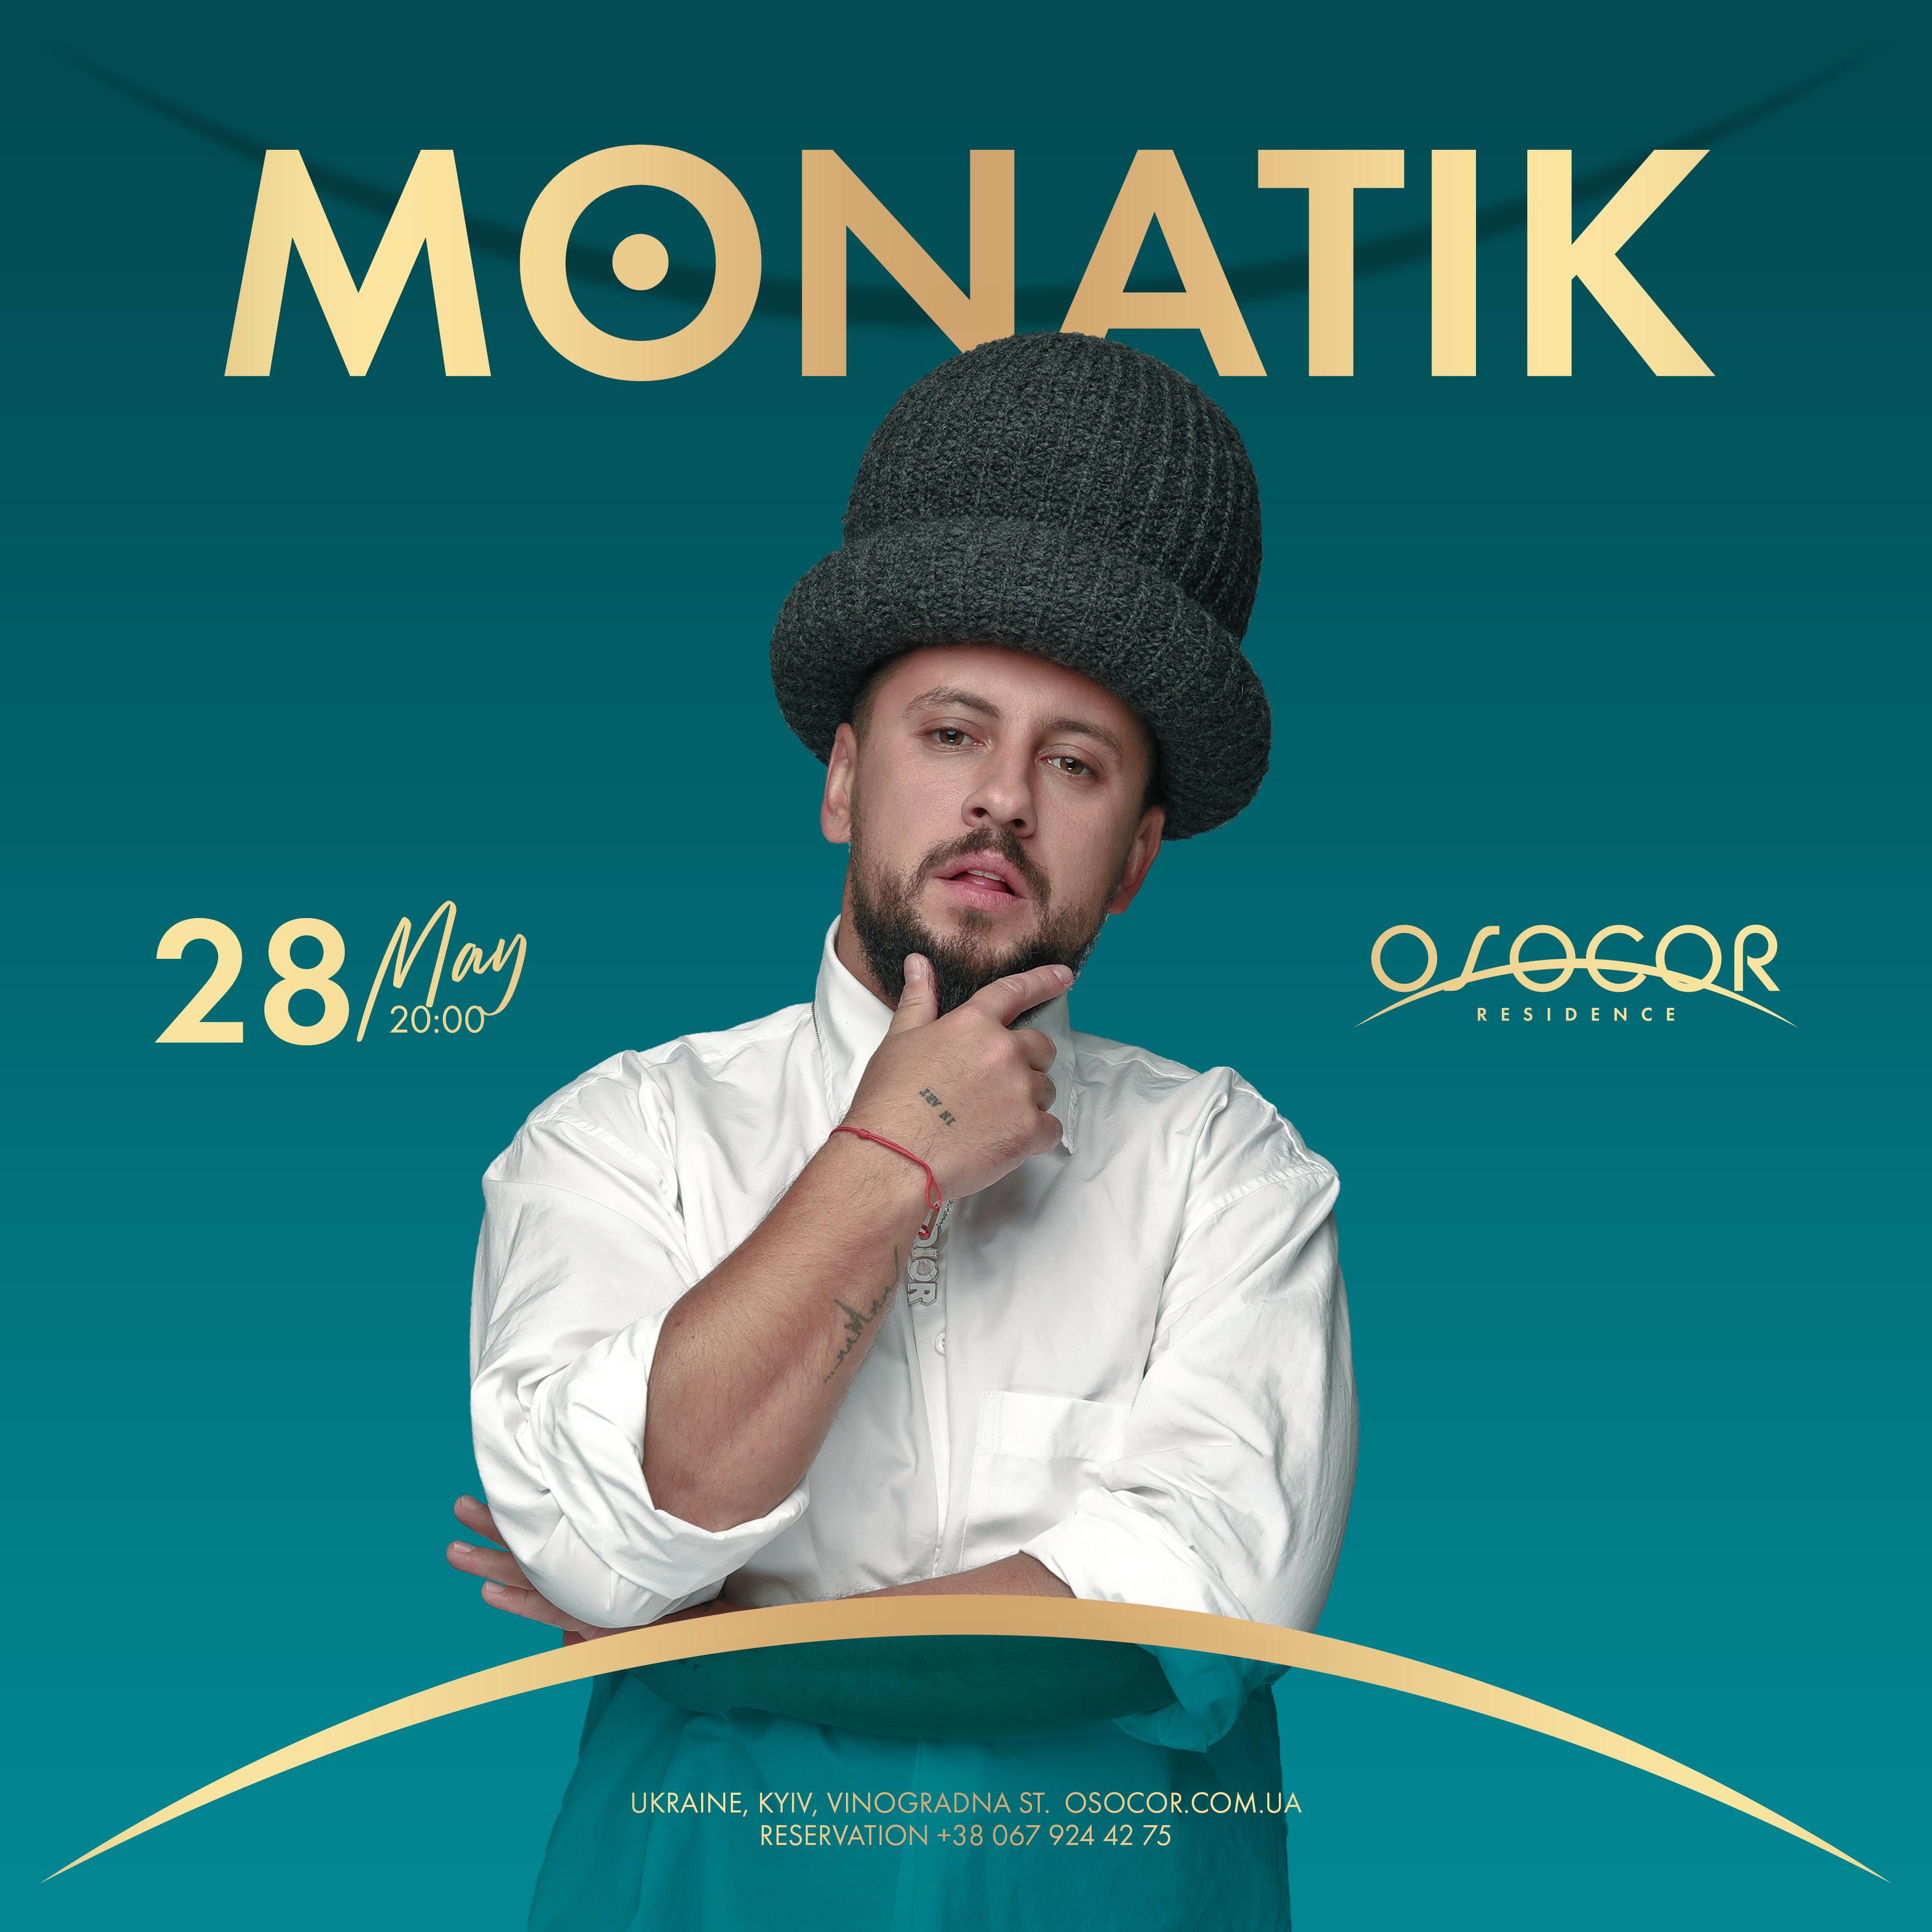 Конецерт МONATIK в Киеве - где и когда